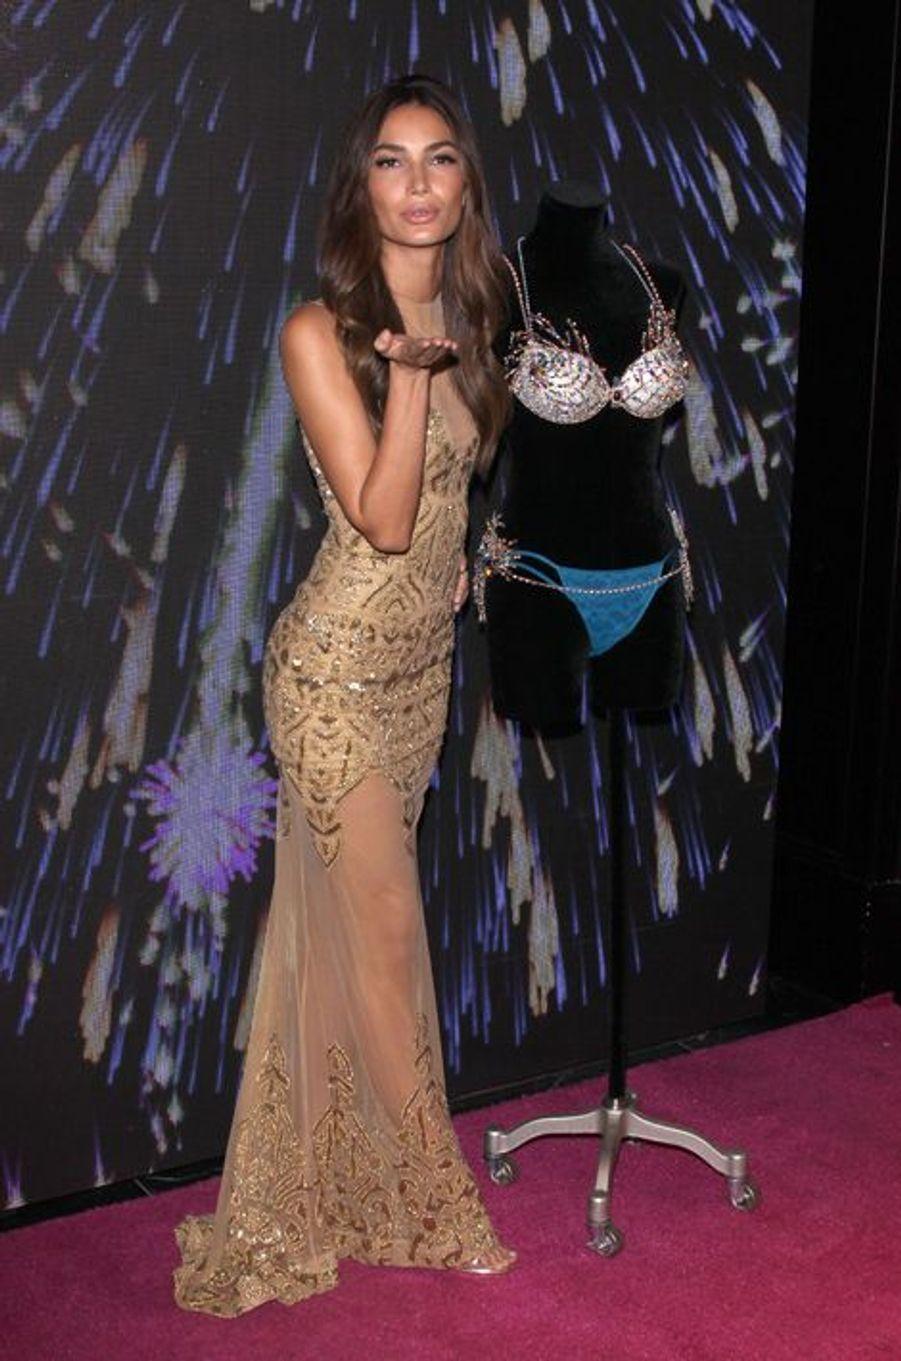 """Lily Aldridge en 2015 : un """"Fireworks Fantasy Bra"""" estimé à 2 millions de dollars"""